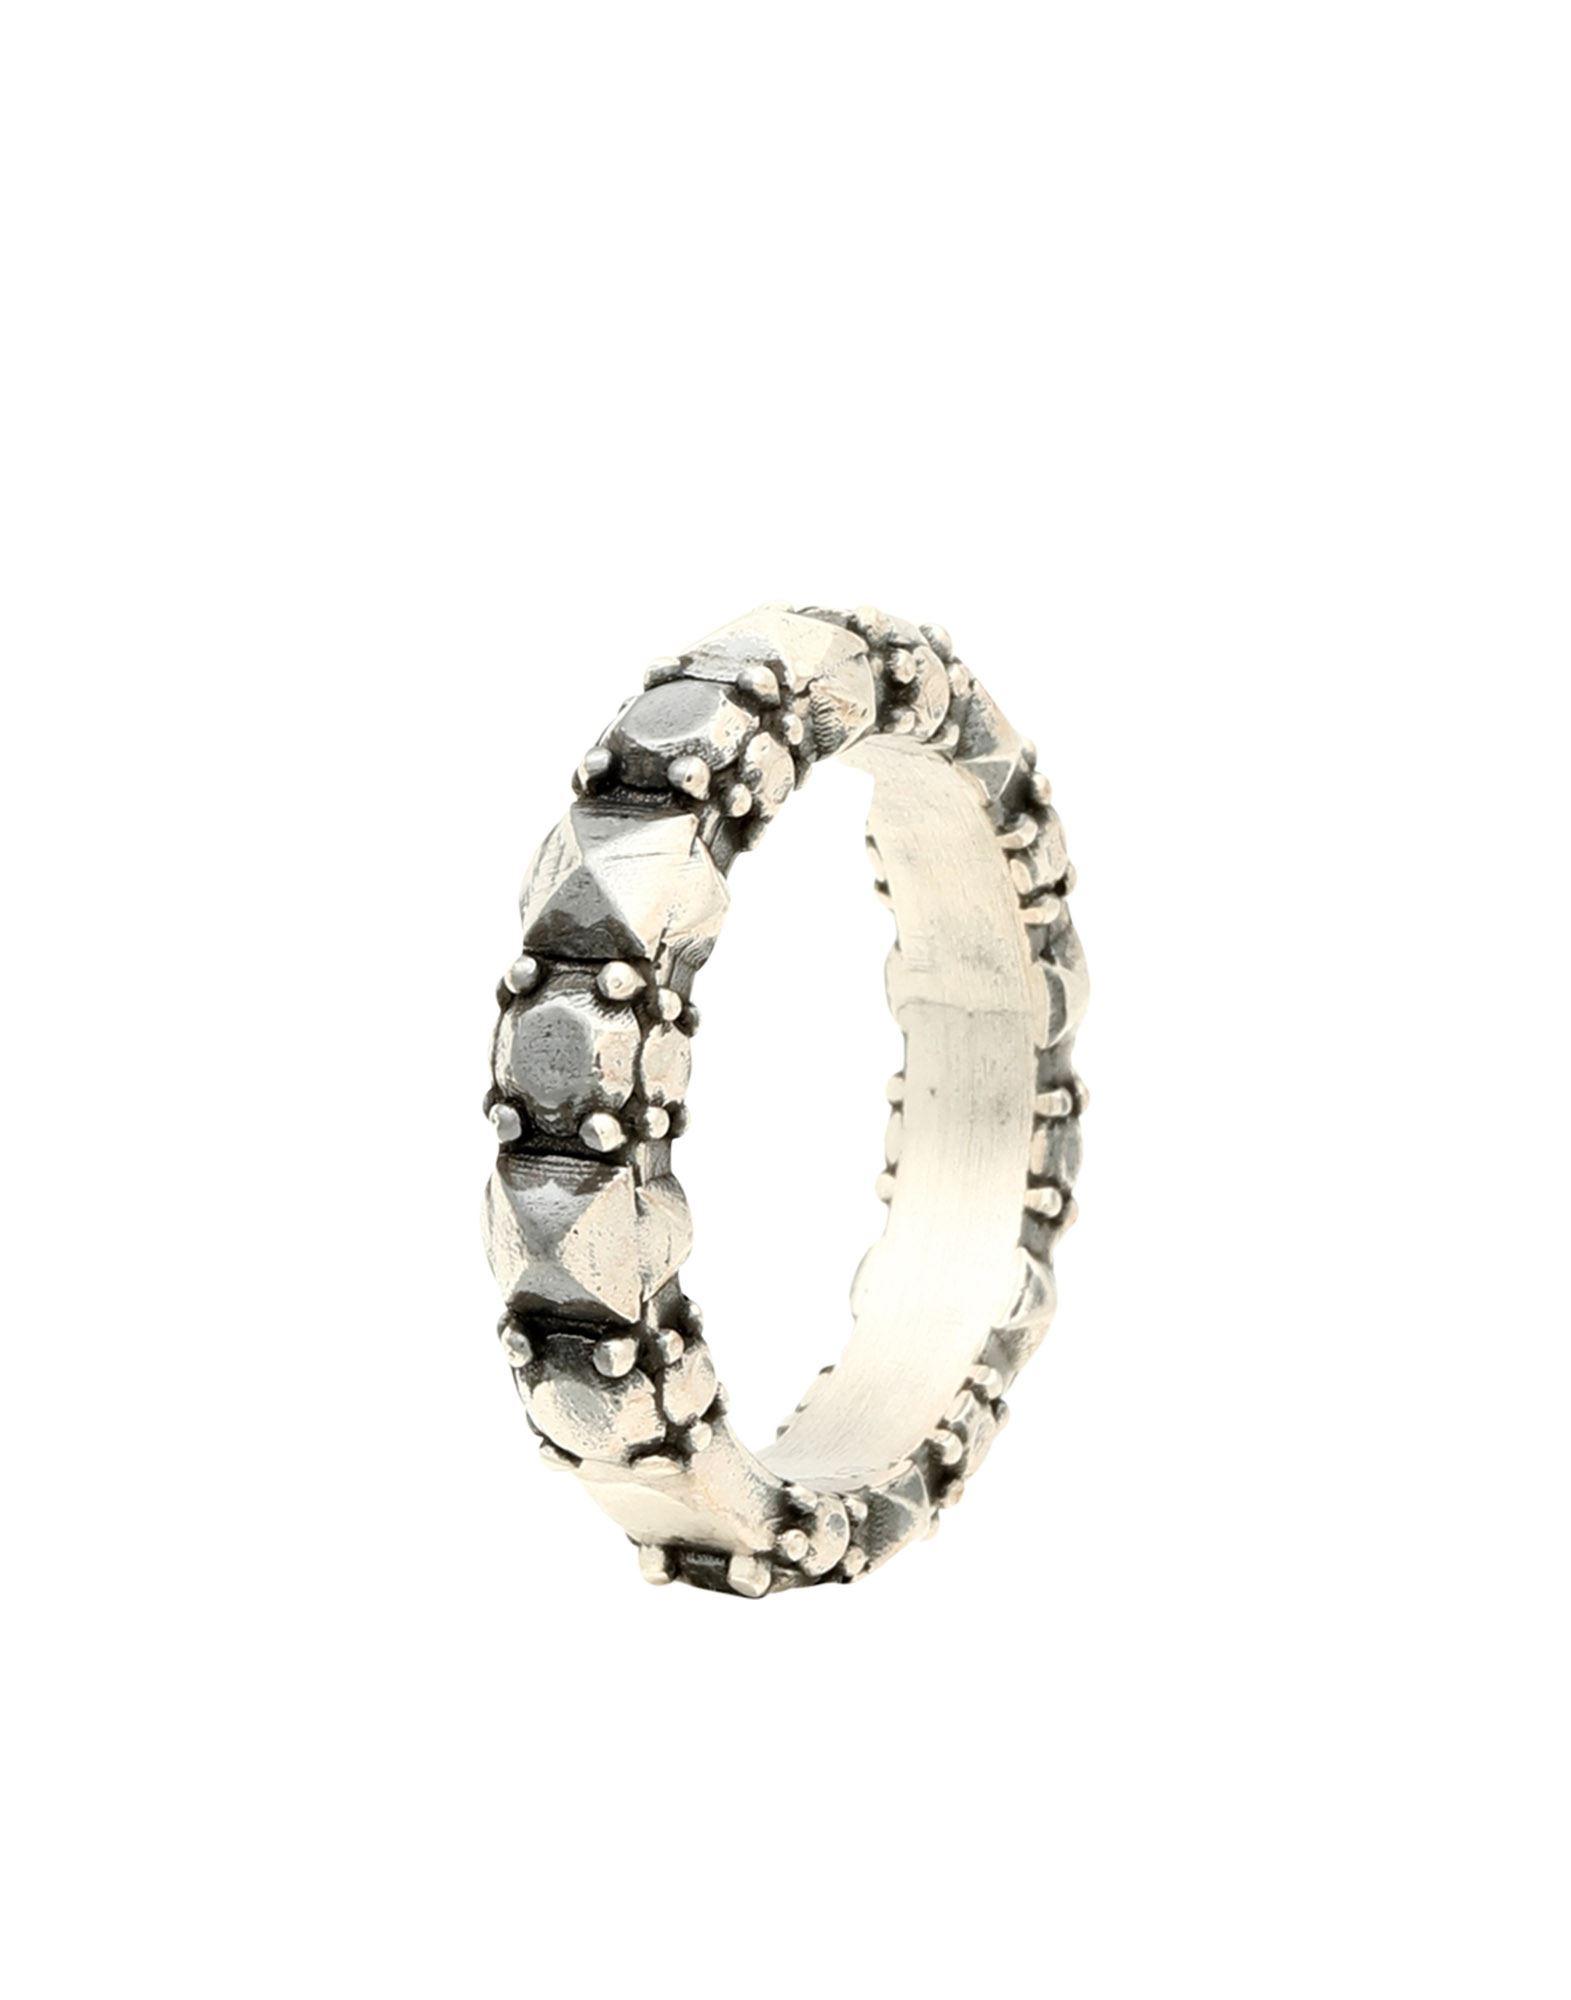 《セール開催中》FIRST PEOPLE FIRST レディース 指輪 鉛色 16 シルバー925/1000 FEDE CORONA